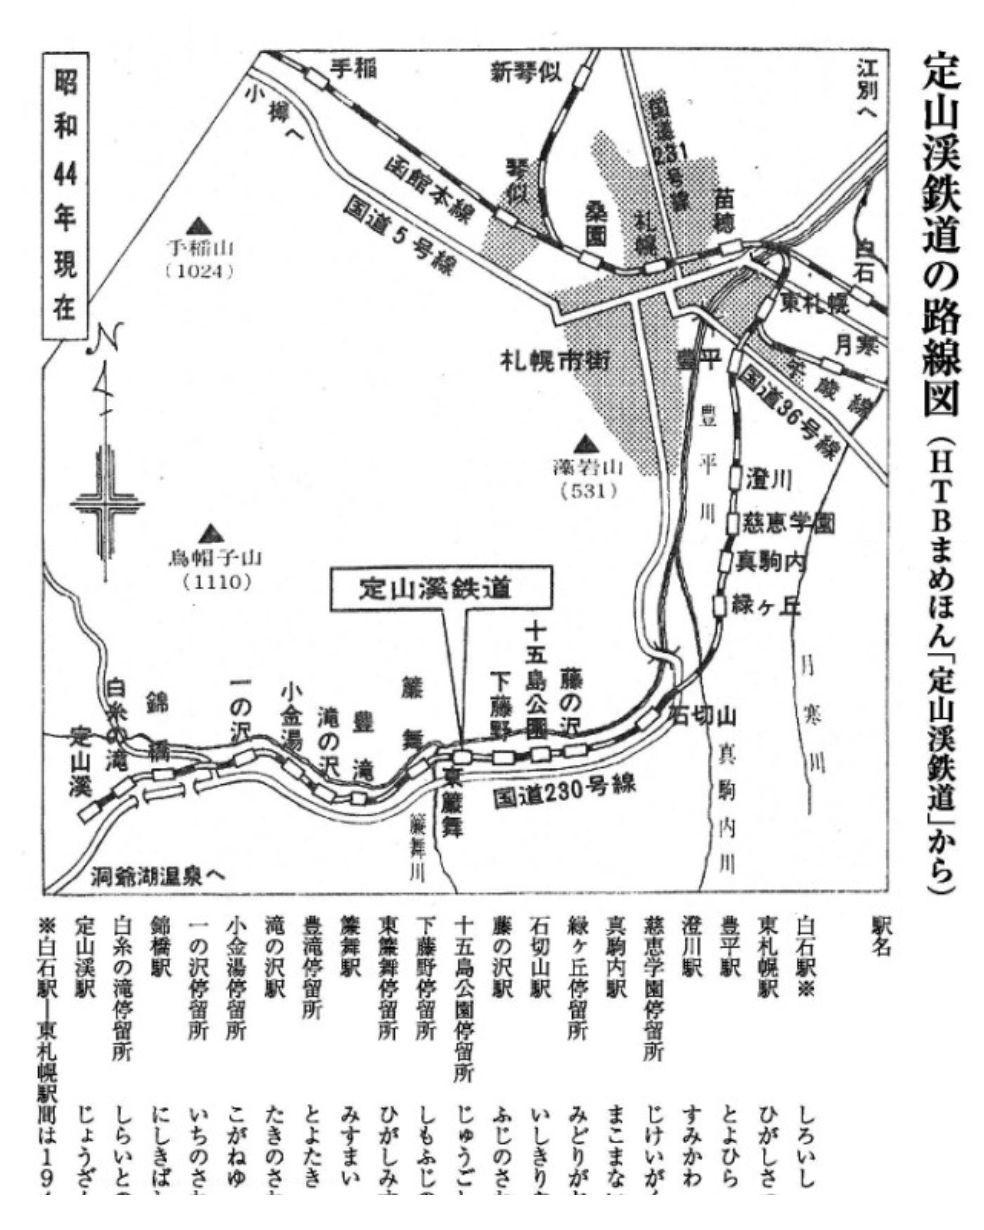 むかしむかし、札幌には定山渓鉄道が走っていた_c0025115_22132247.jpg